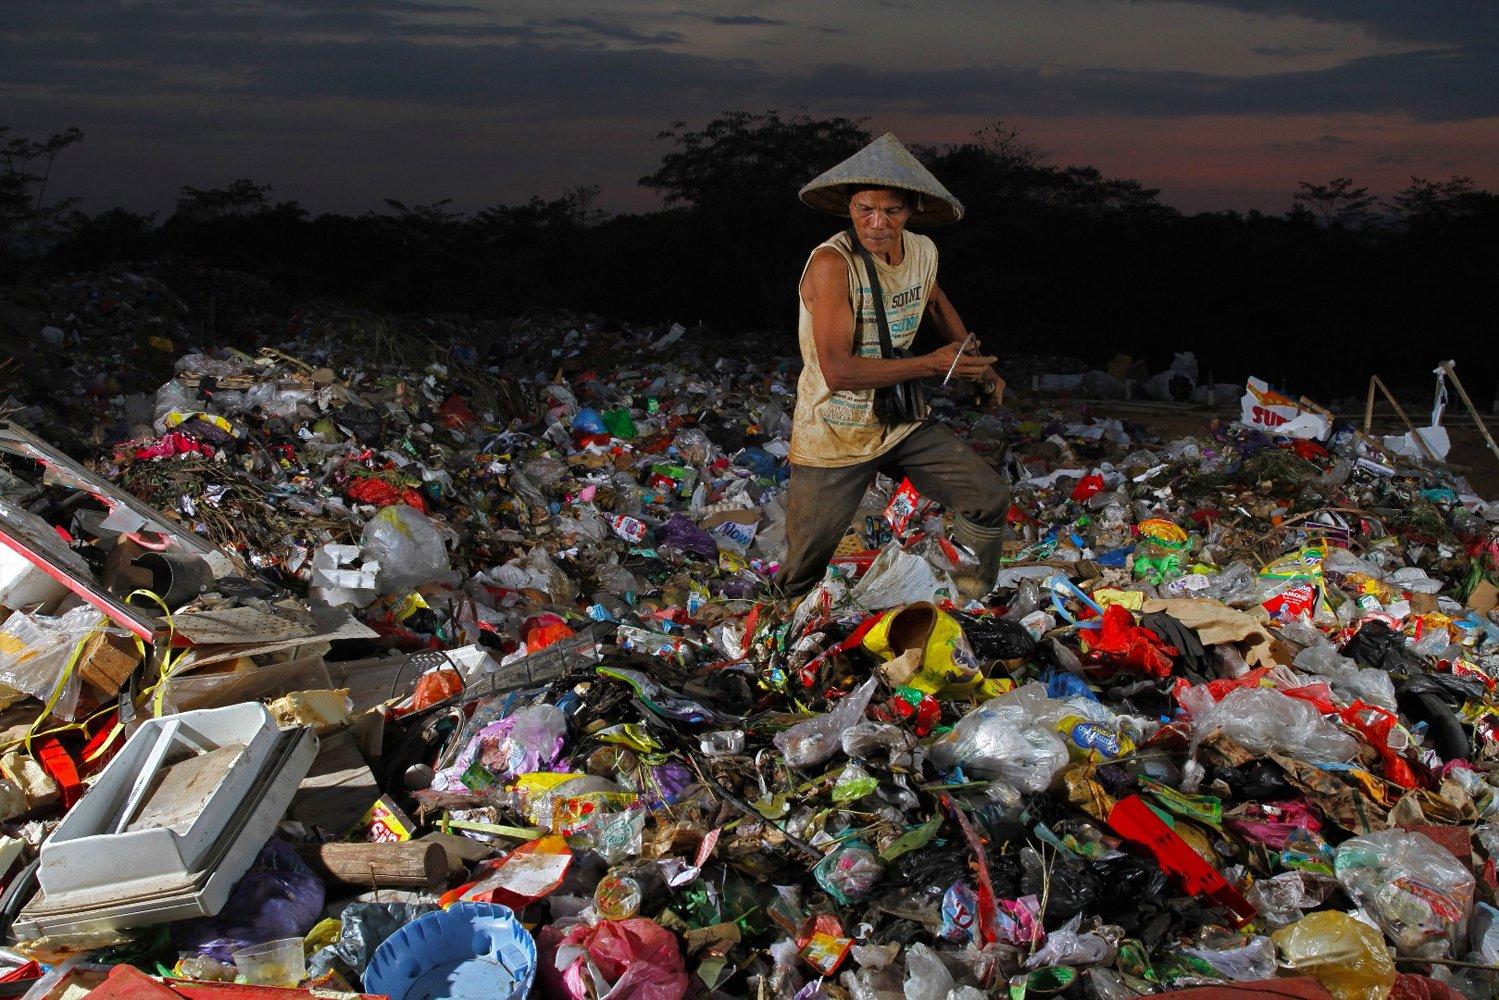 Seorang pemulung mencari sampah plastik di Tempat Pembuangan Akhir Sampah di Kecamatan Puuwatu, Kendari, Sulawesi Tenggara, Rabu (11/12/2019). Warga di sekitar lokasi tersebut yang menjadi pemulung bisa mendapatkan uang dari menjual sampah botol plastik berkisar Rp70 ribu sampai Rp85 ribu per harinya.